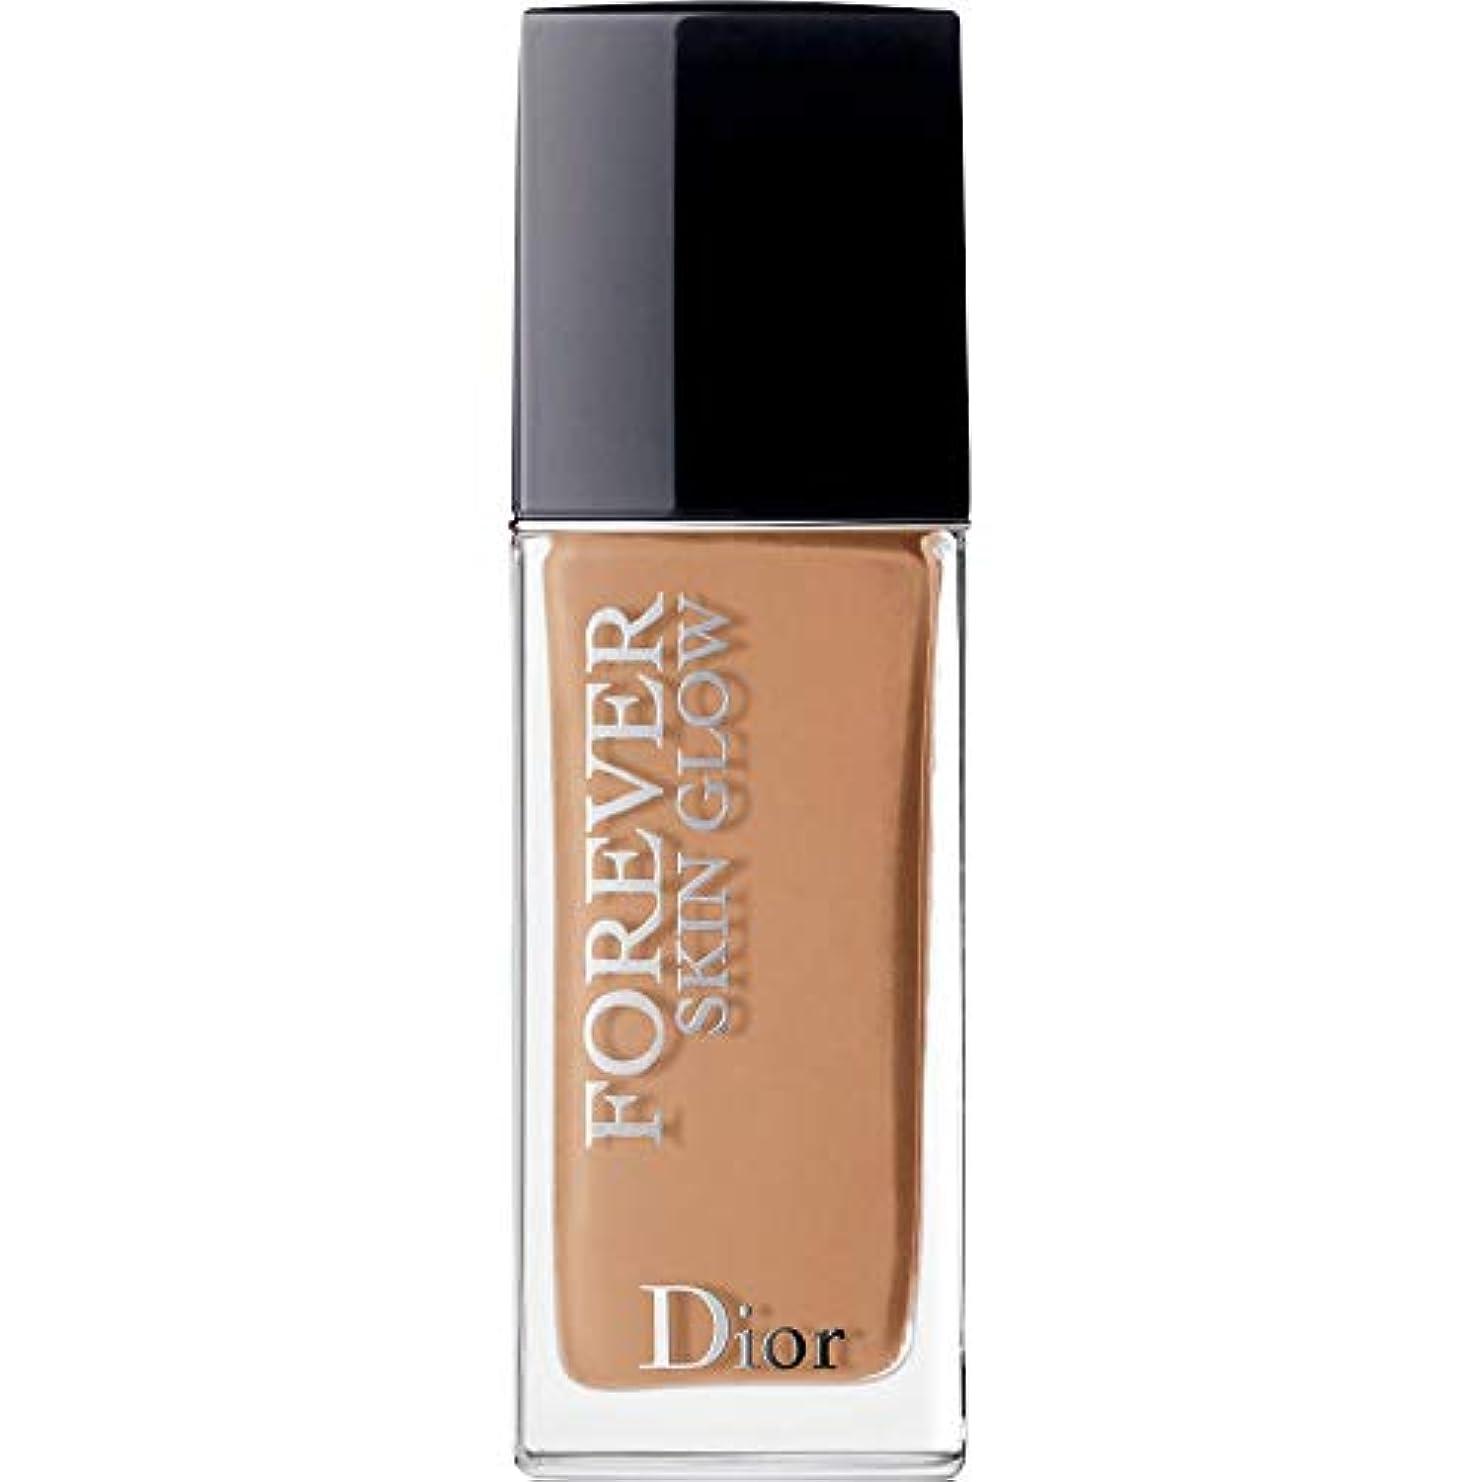 出します壁浴[Dior ] ディオール永遠肌の輝き肌思いやりの基礎Spf35 30ミリリットルの4.5ワット - 暖かい(肌の輝き) - DIOR Forever Skin Glow Skin-Caring Foundation SPF35...